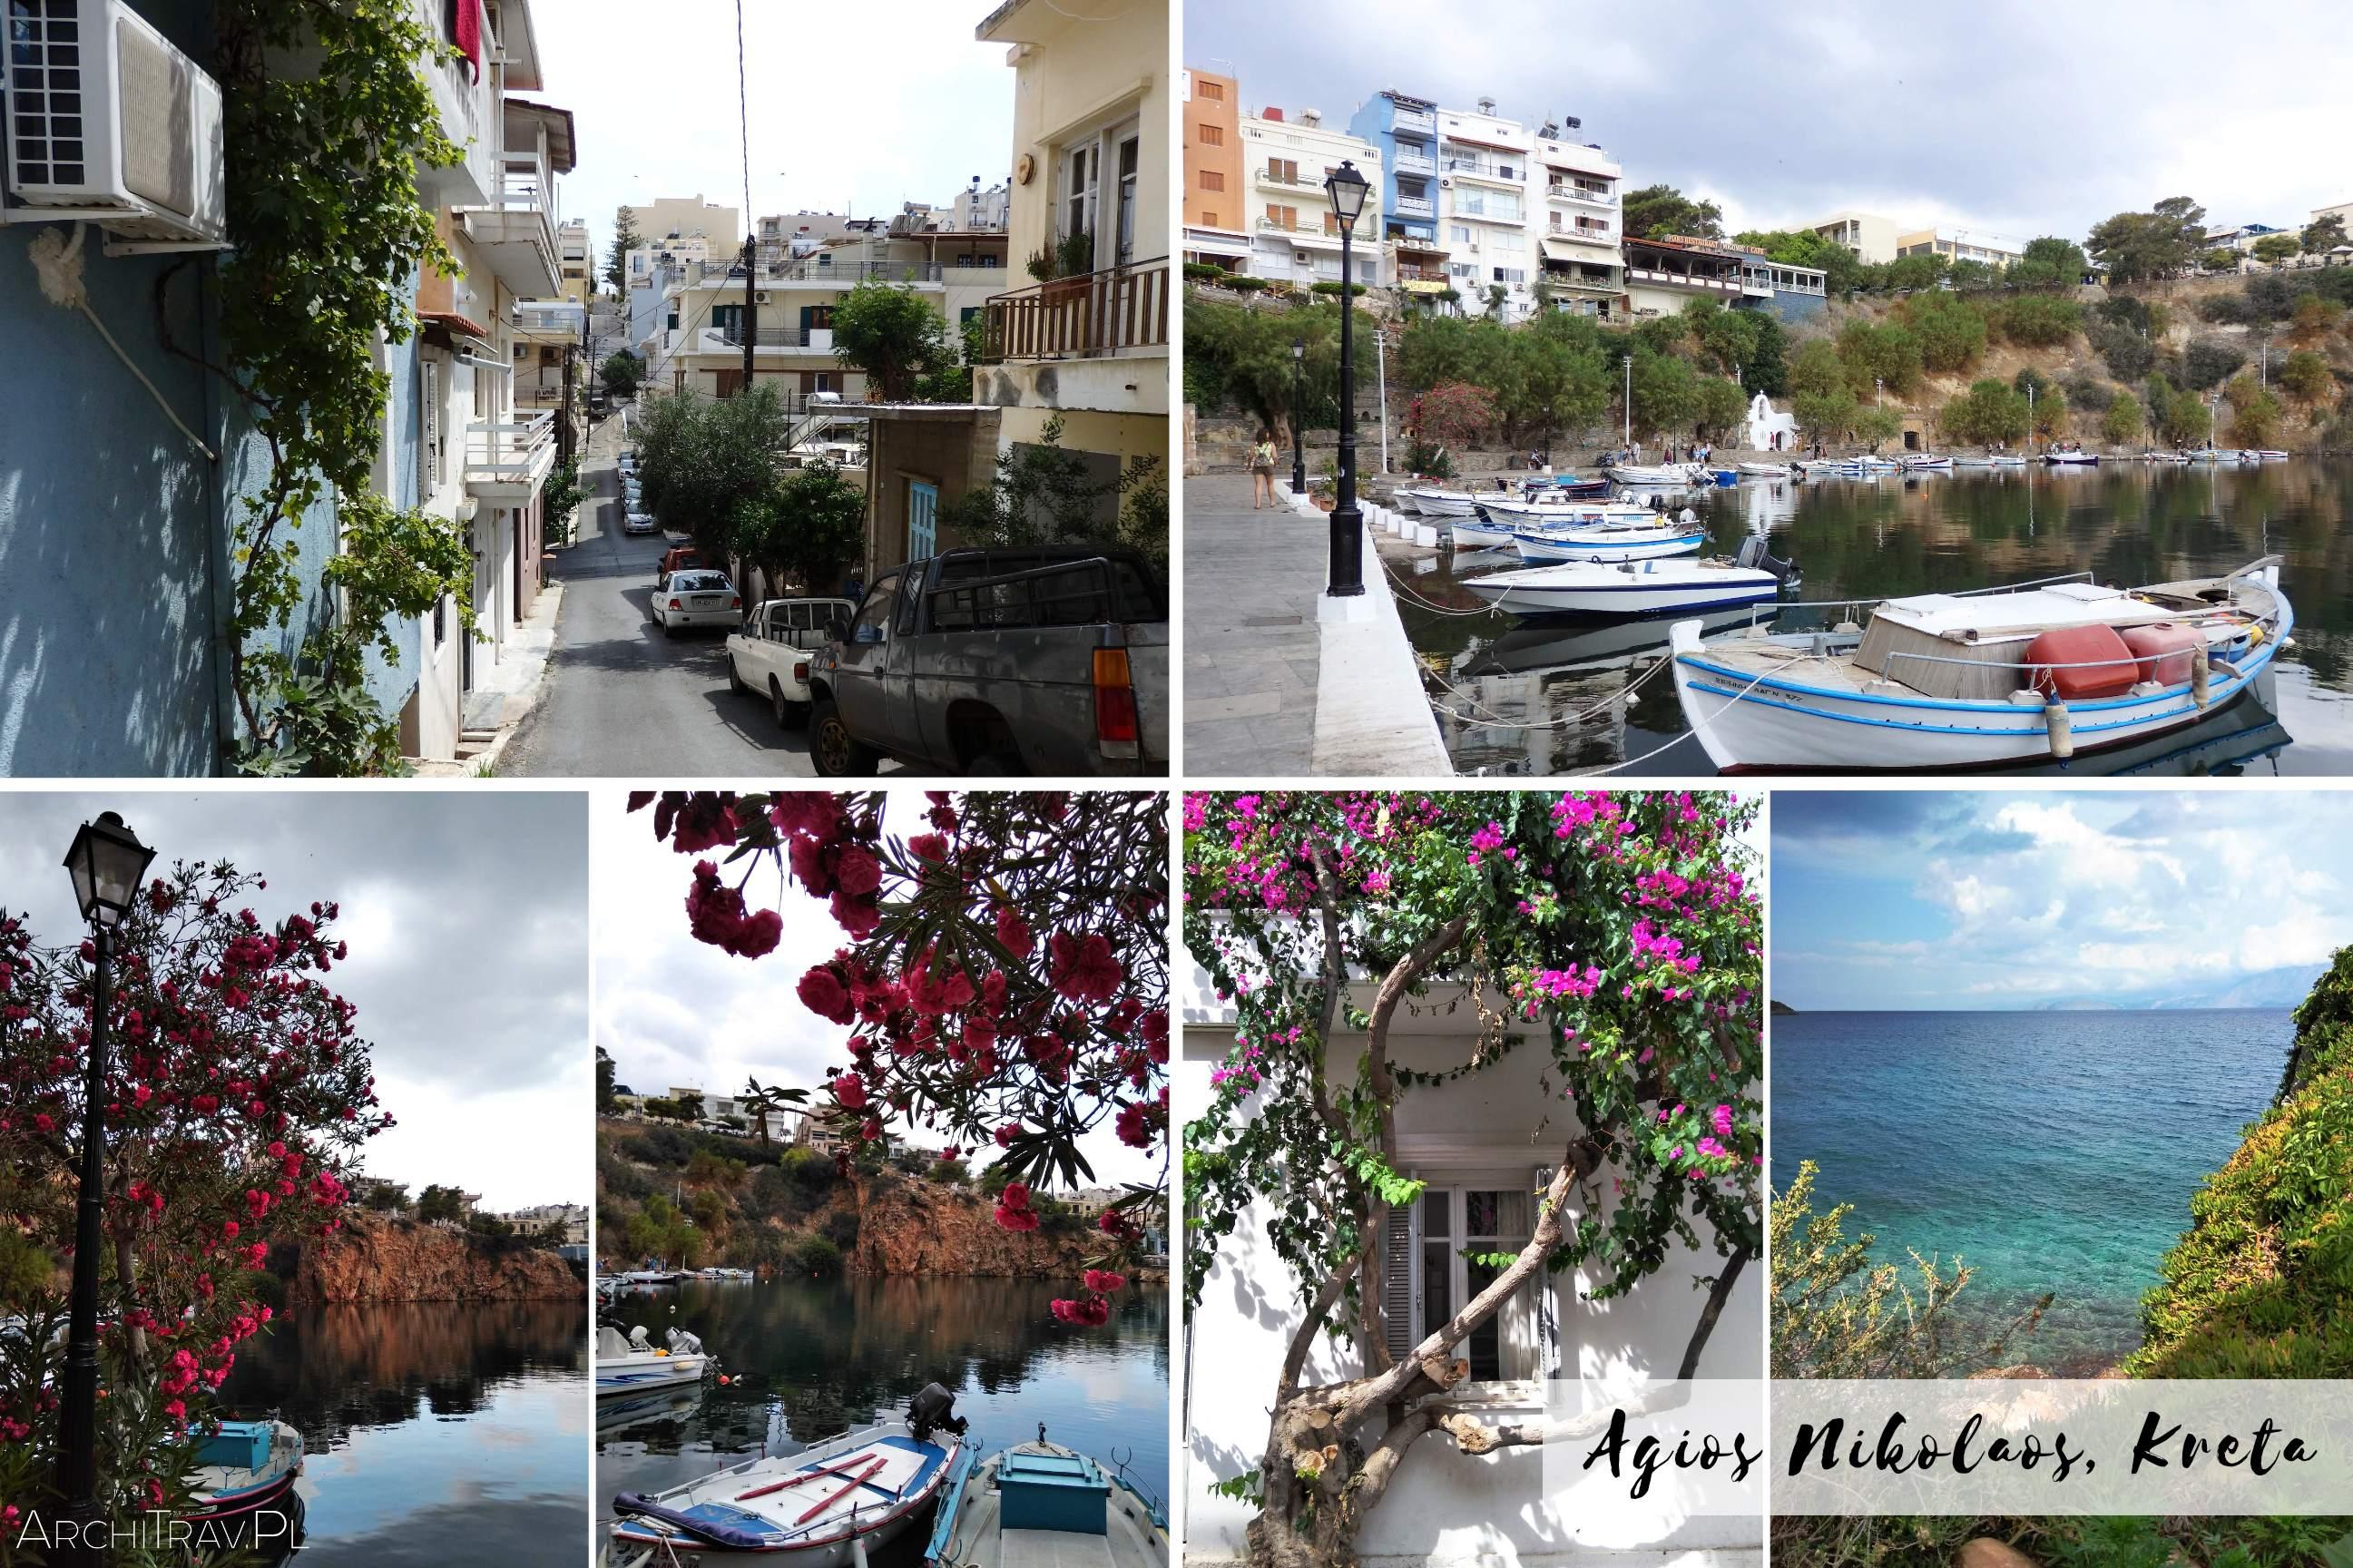 zdjecie zlozone z czterech mniejszych - Agios Nikolaos Kreta jezioro